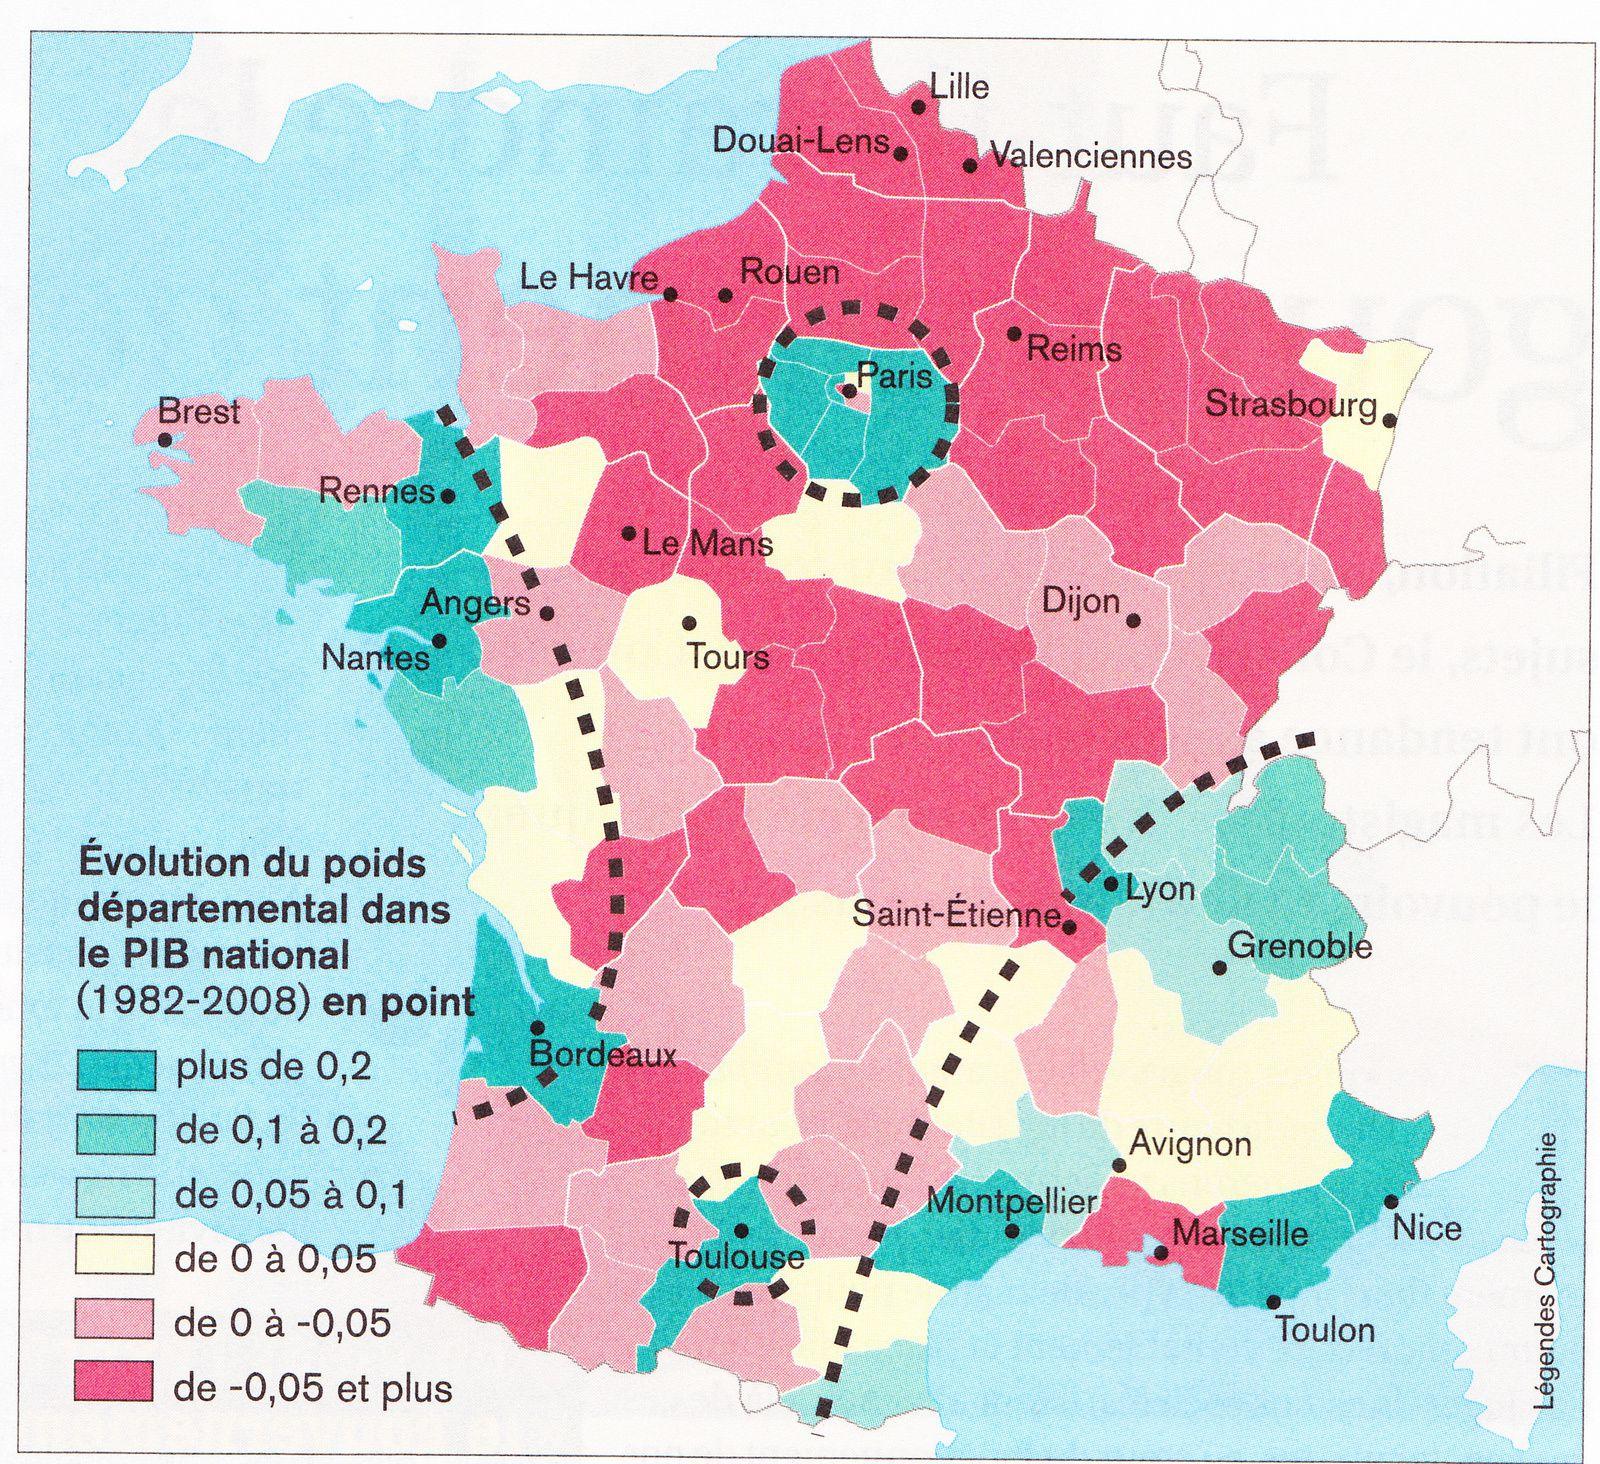 Développement local et LGV : un mythe daté